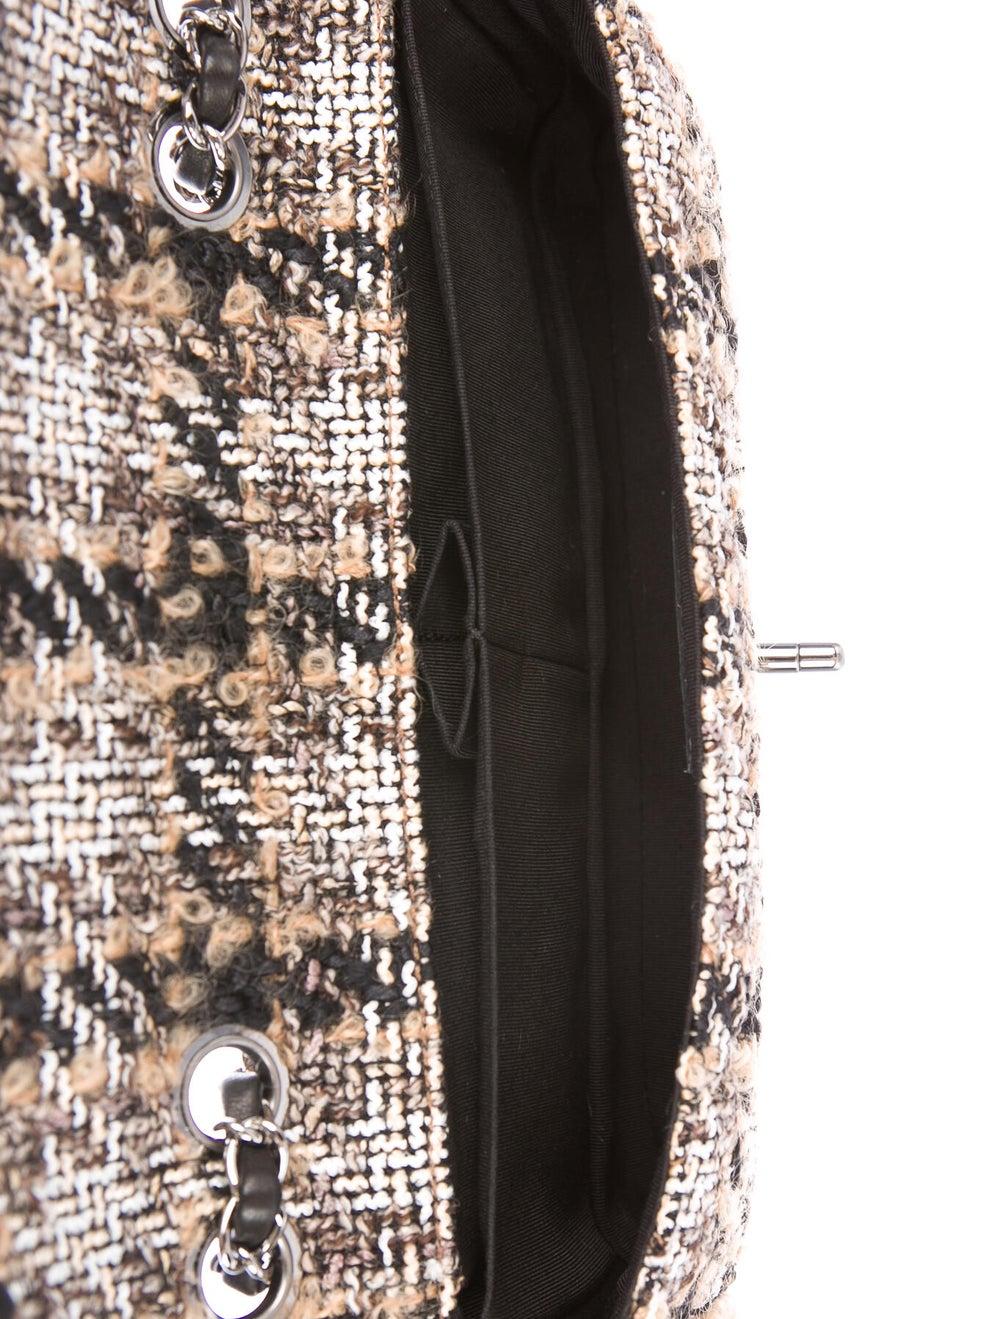 Chanel Medium Tweed Flap Bag Brown - image 5